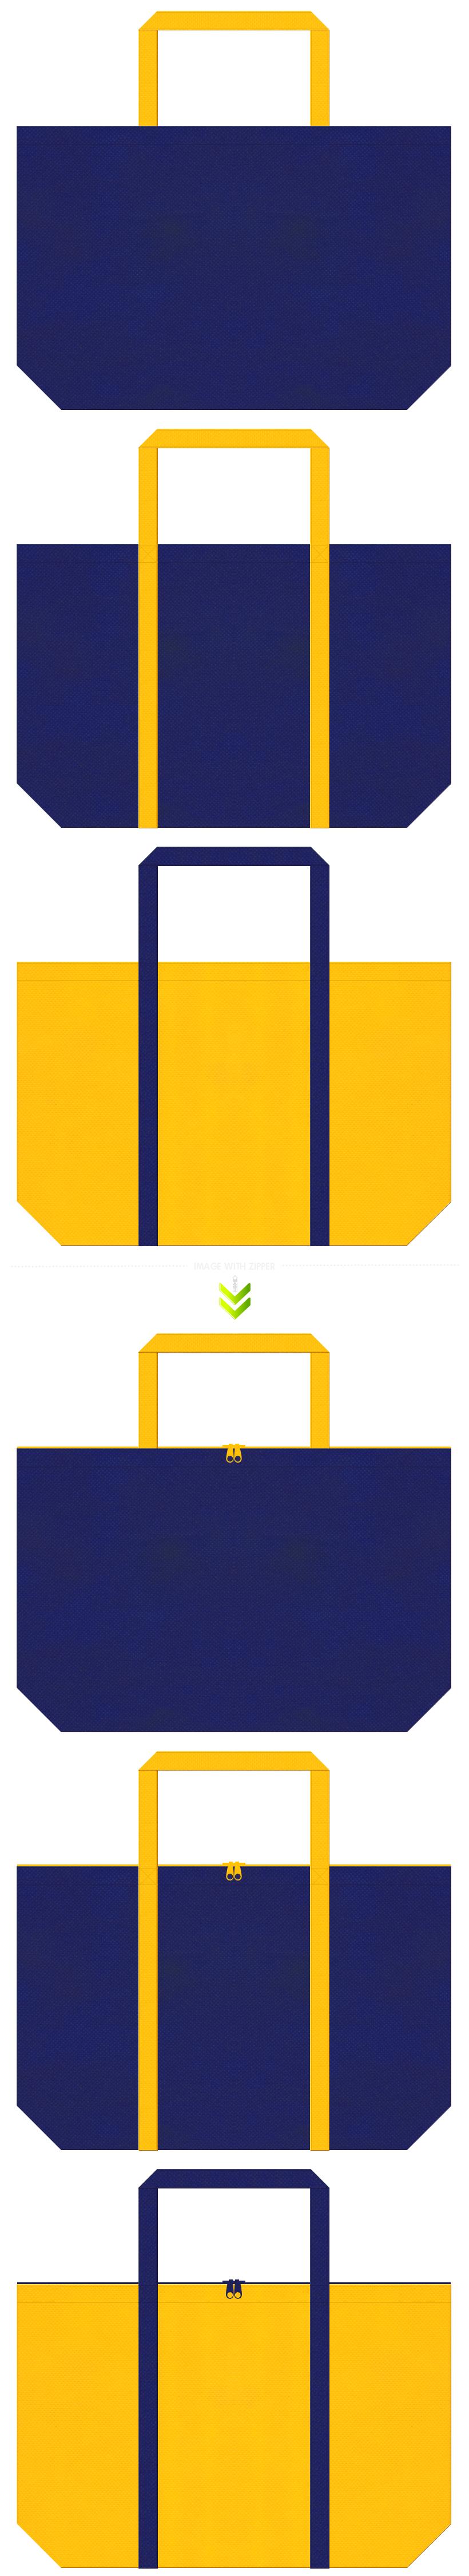 明るい紺色と黄色の不織布エコバッグのデザイン。電気、ロボットイベントのバッグノベルティにお奨めのコーデ。